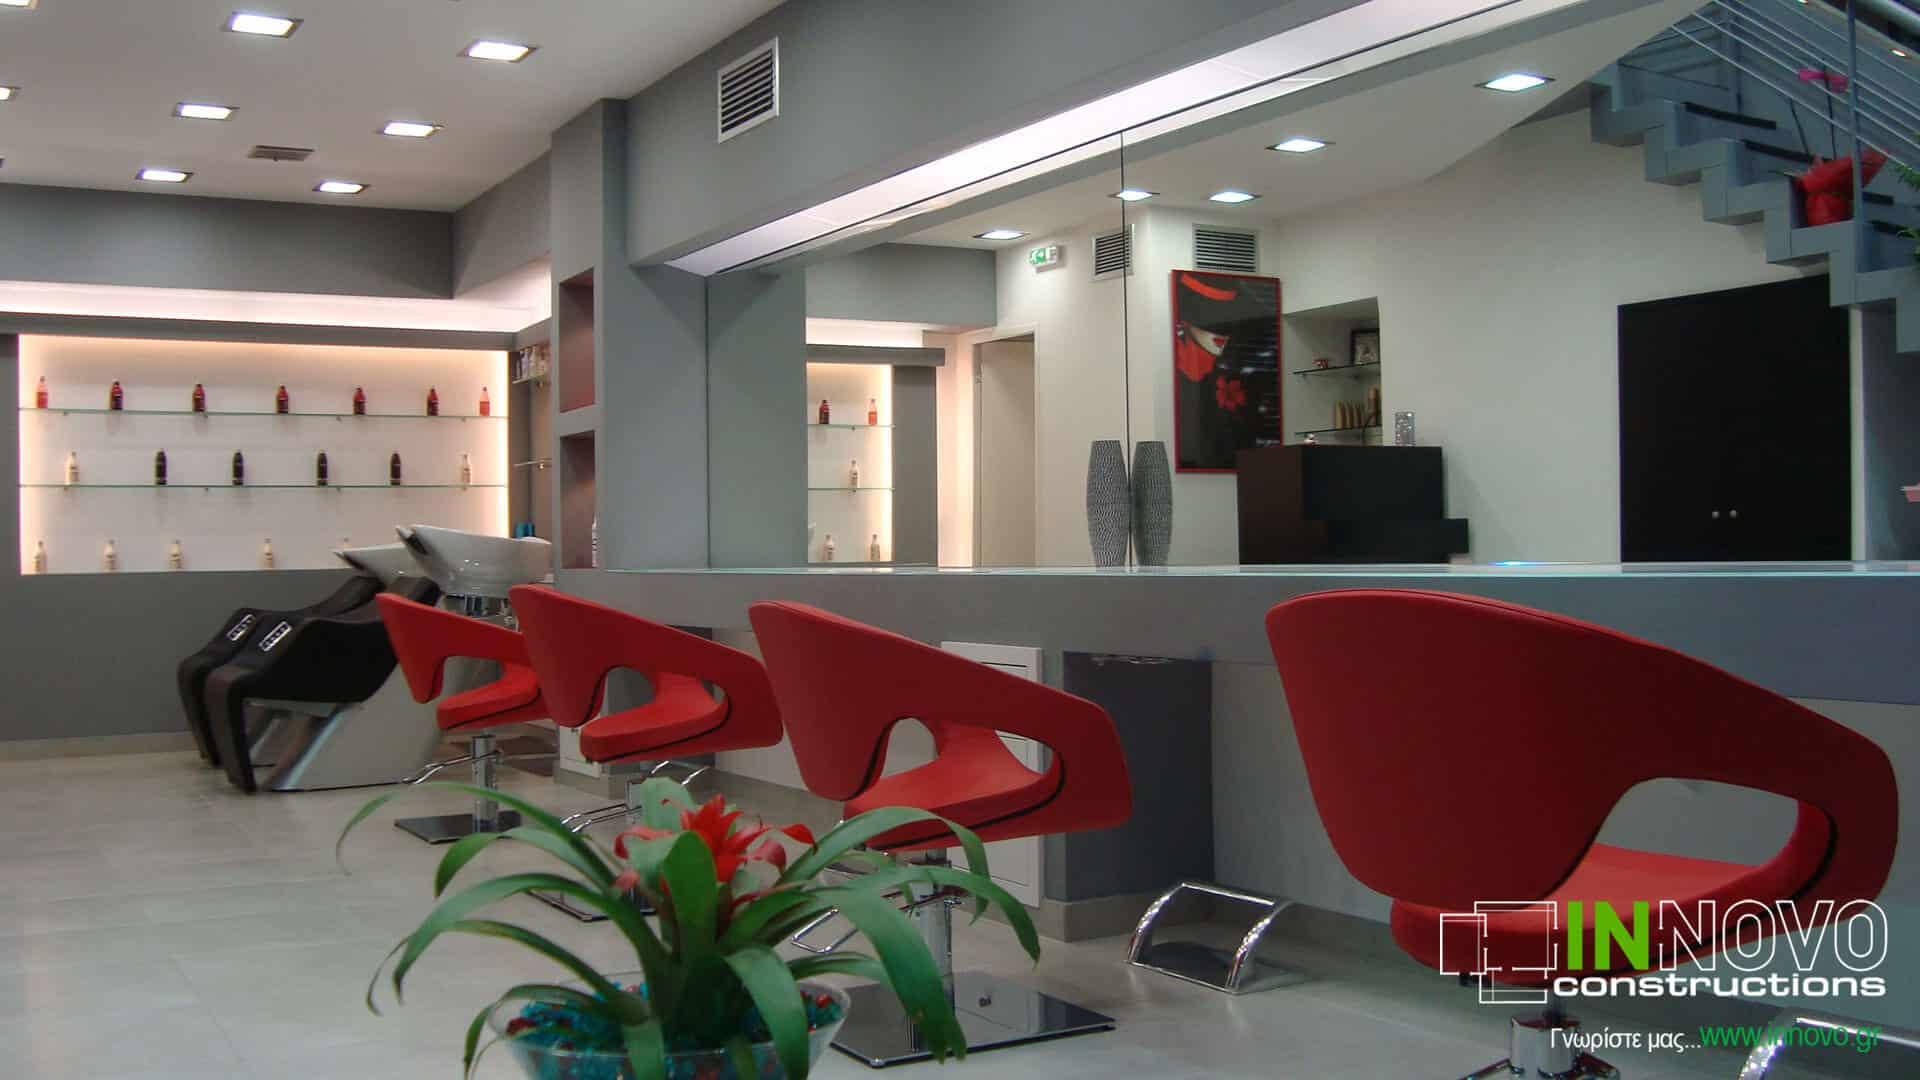 diakosmisi-kommotiriou-hairdressers-design-kommotirio-nafplio-1071-9